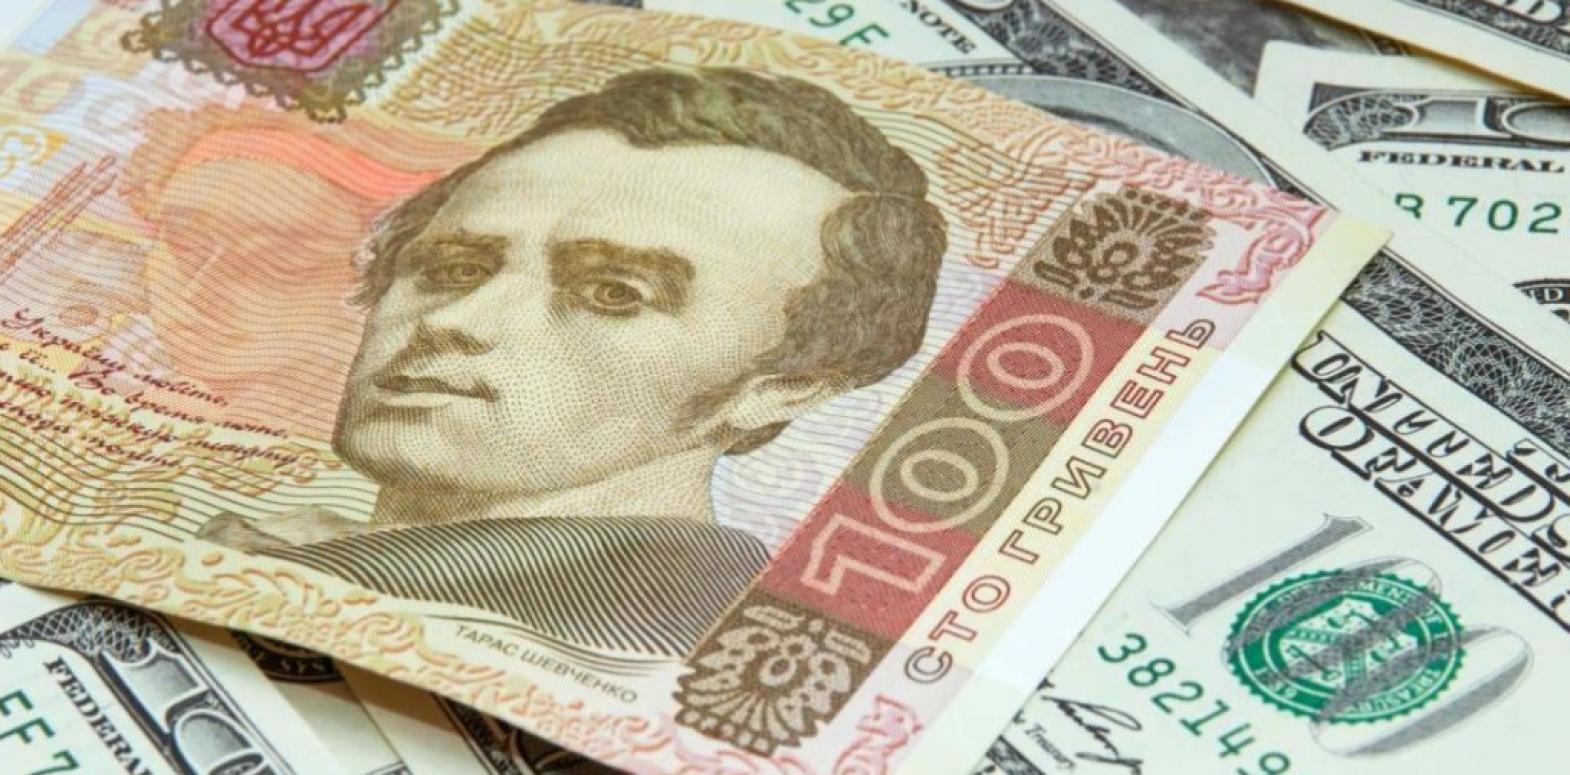 Перспективы экономического роста на 2019 год в Украине ослабились – экономист ВБ